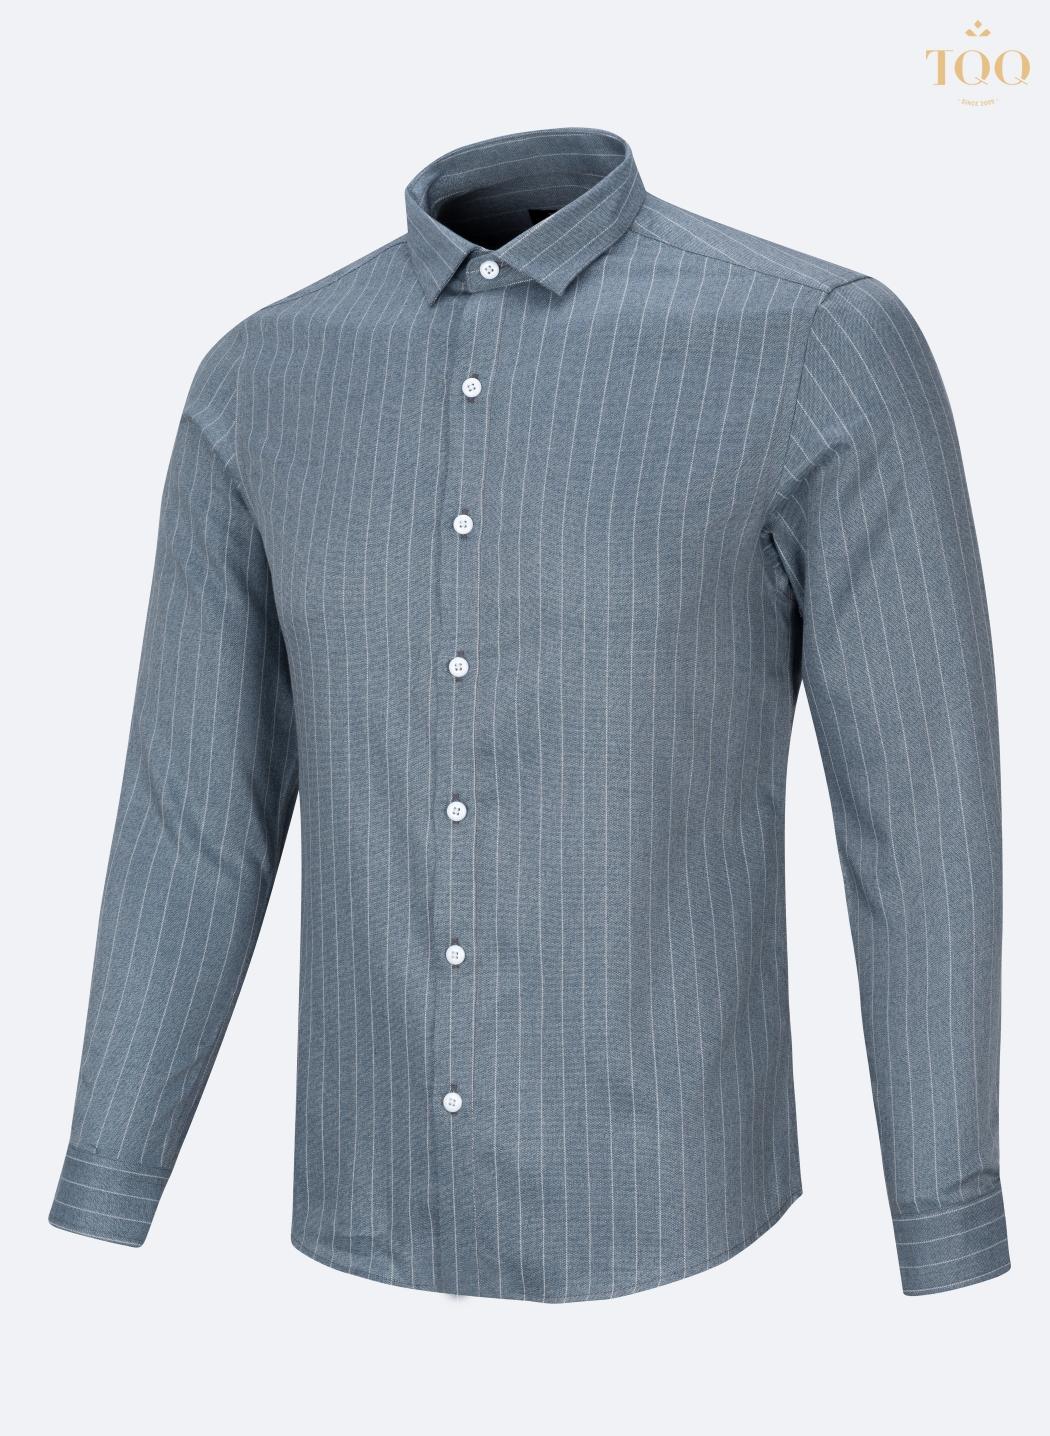 Mẫu áo sơ mi nam ôm body K276 màu xanh ghi sở hữu vẻ đẹp ấn tượng, nam tính và thời trang